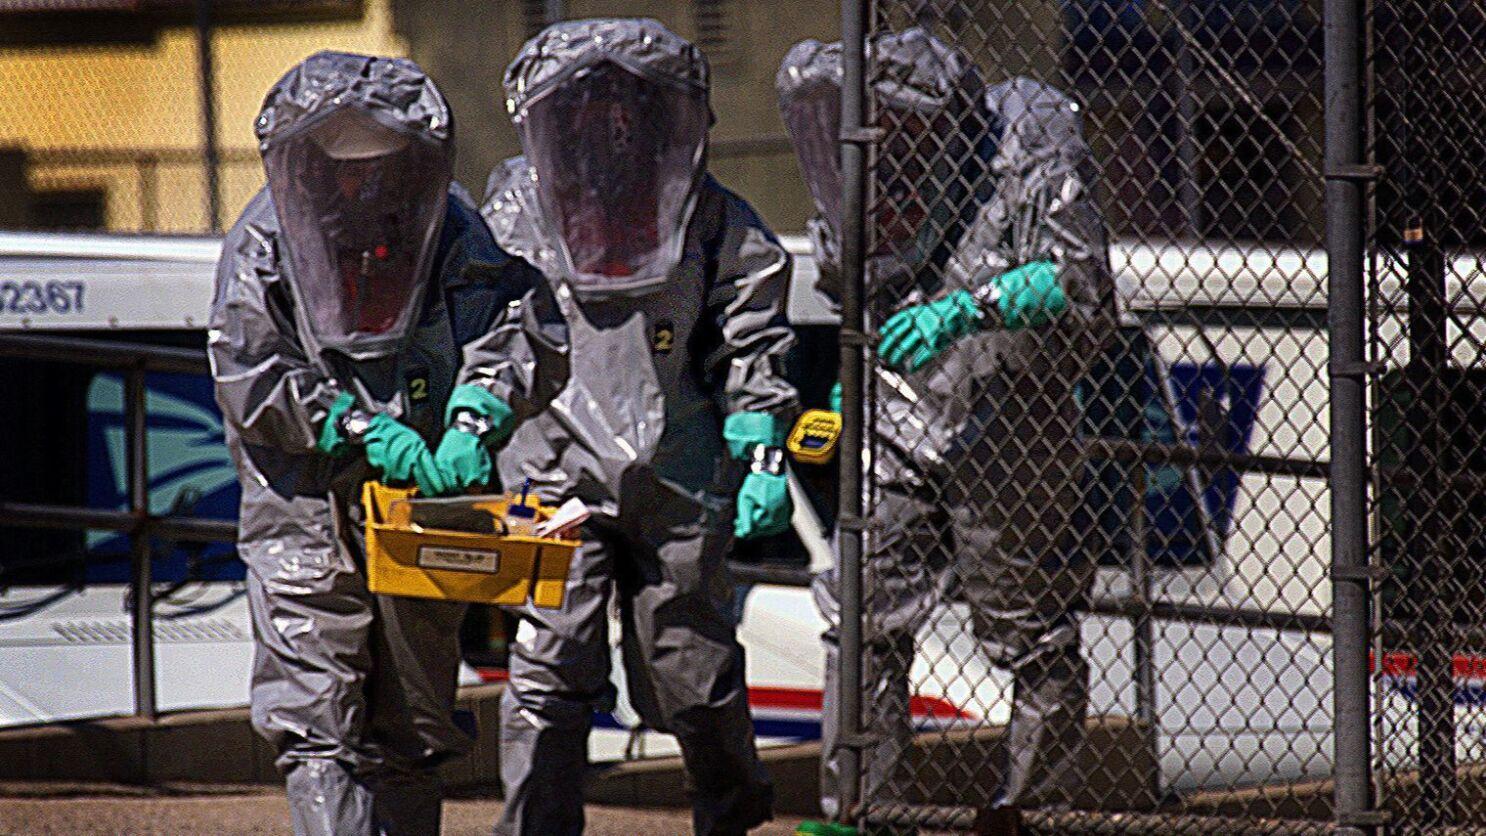 Seguridad nacional reemplaza el sistema de biodefensa con otro enfoque defectuoso - Los Angeles Times